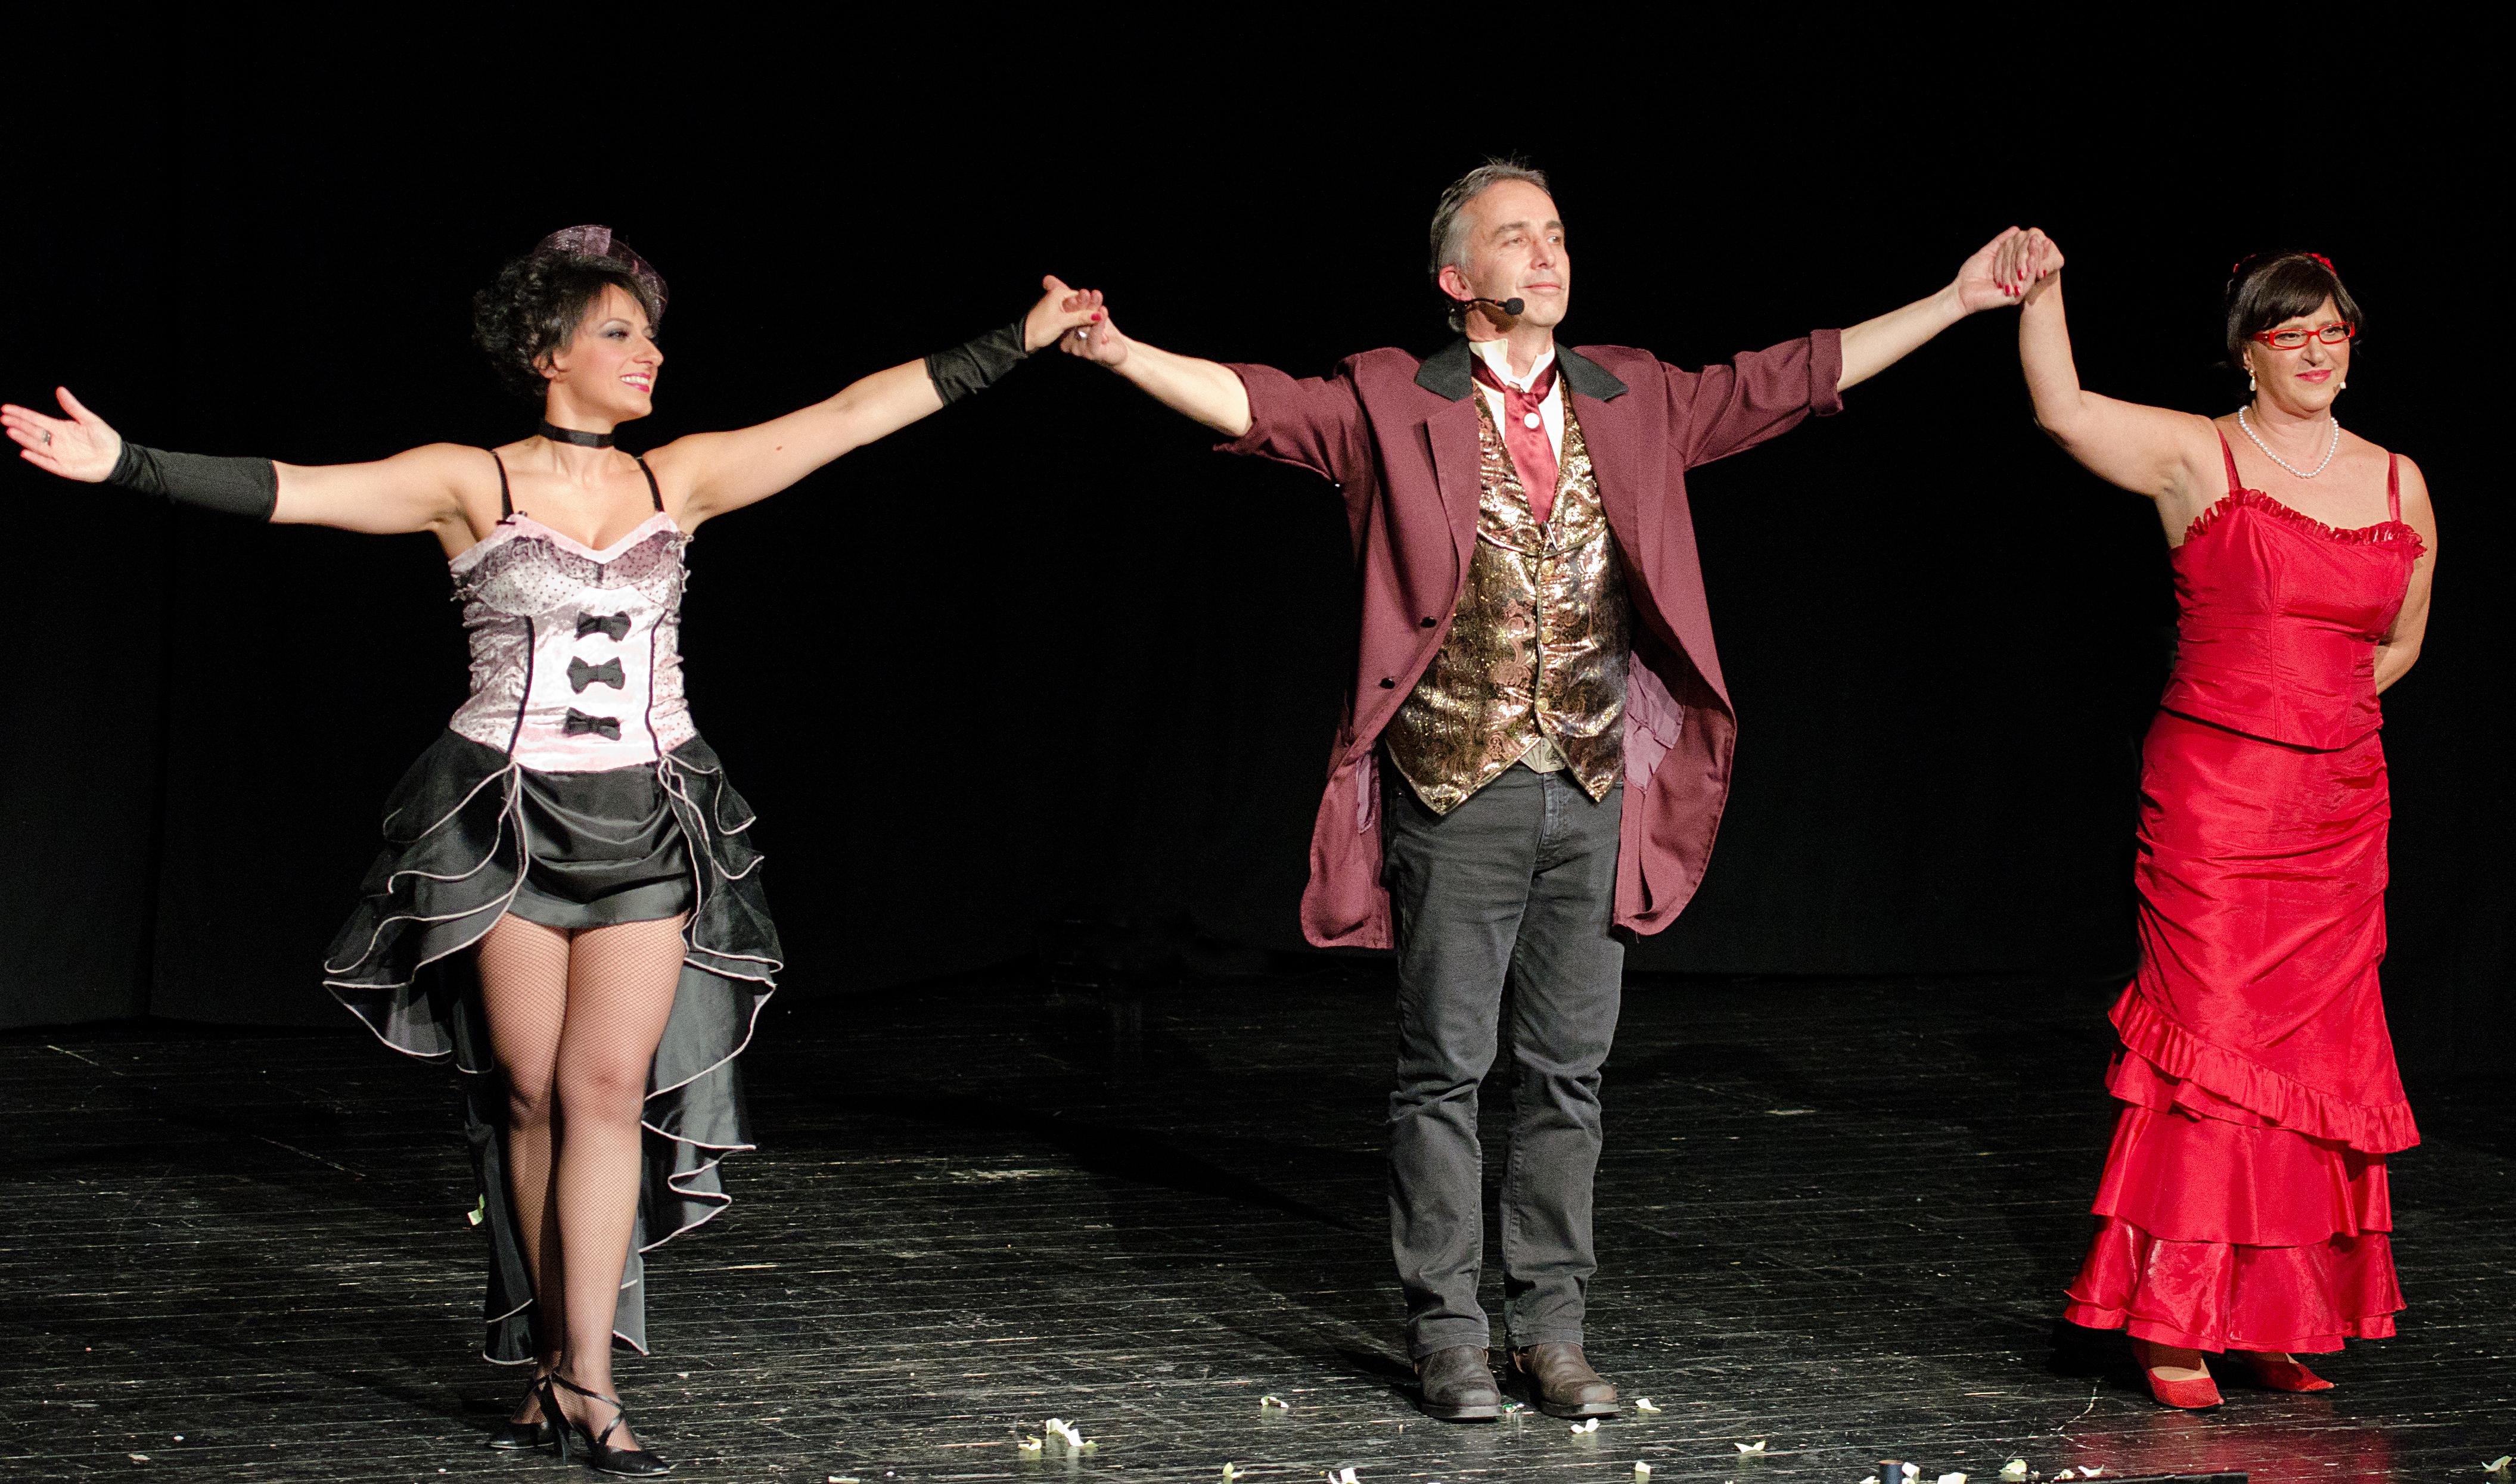 Teatro Foce Lugano - finale